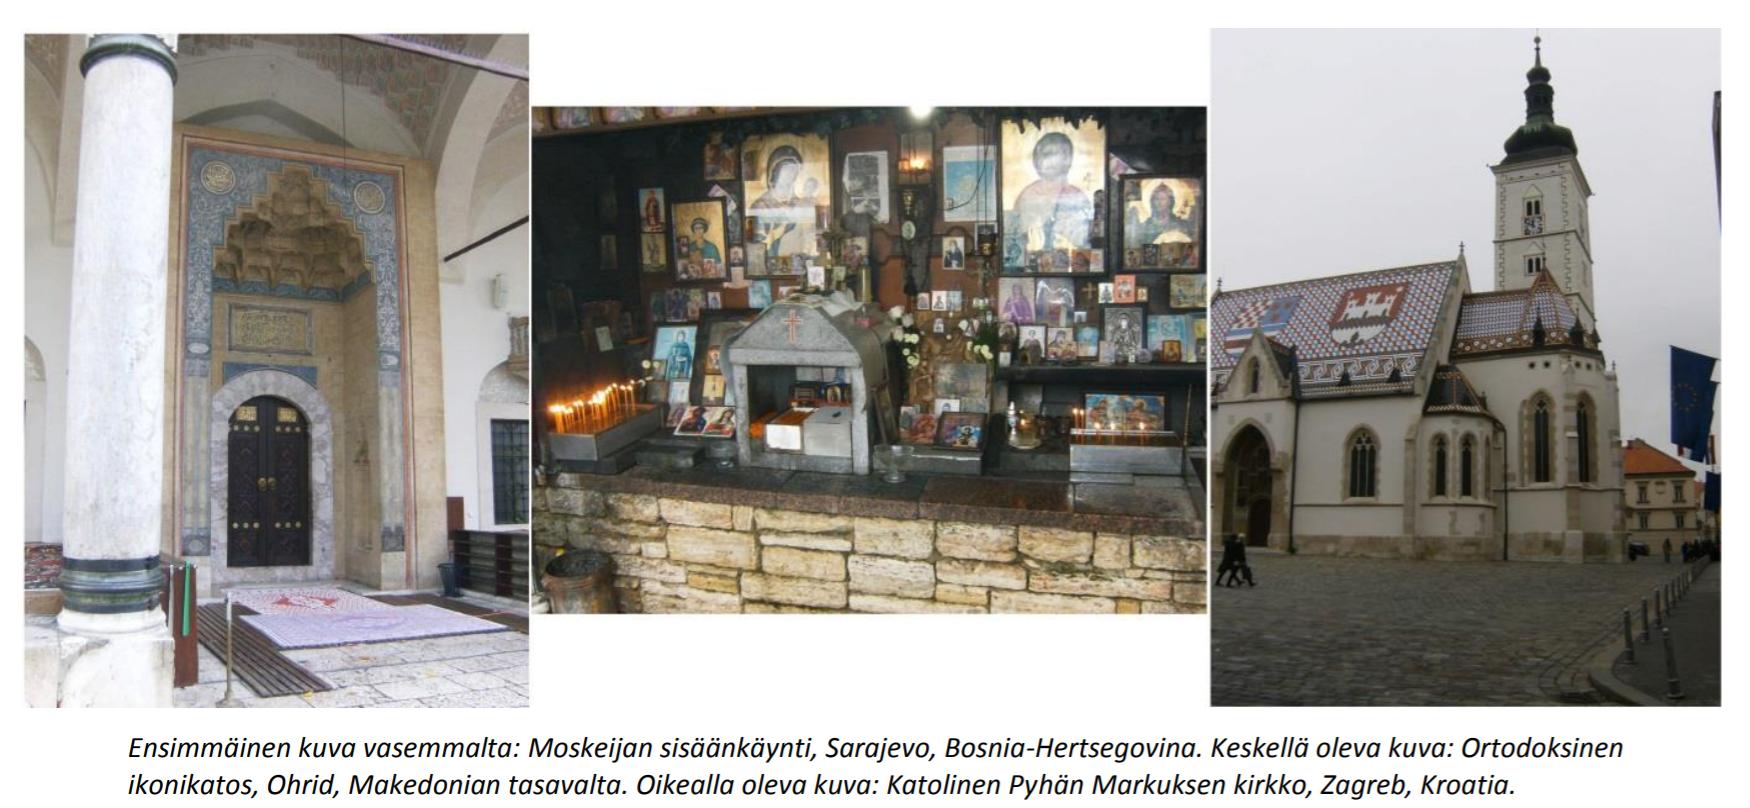 kuvituskuvakollaasi, moskeijan sisäänkäynti, ikoneja, katolinen kirkko